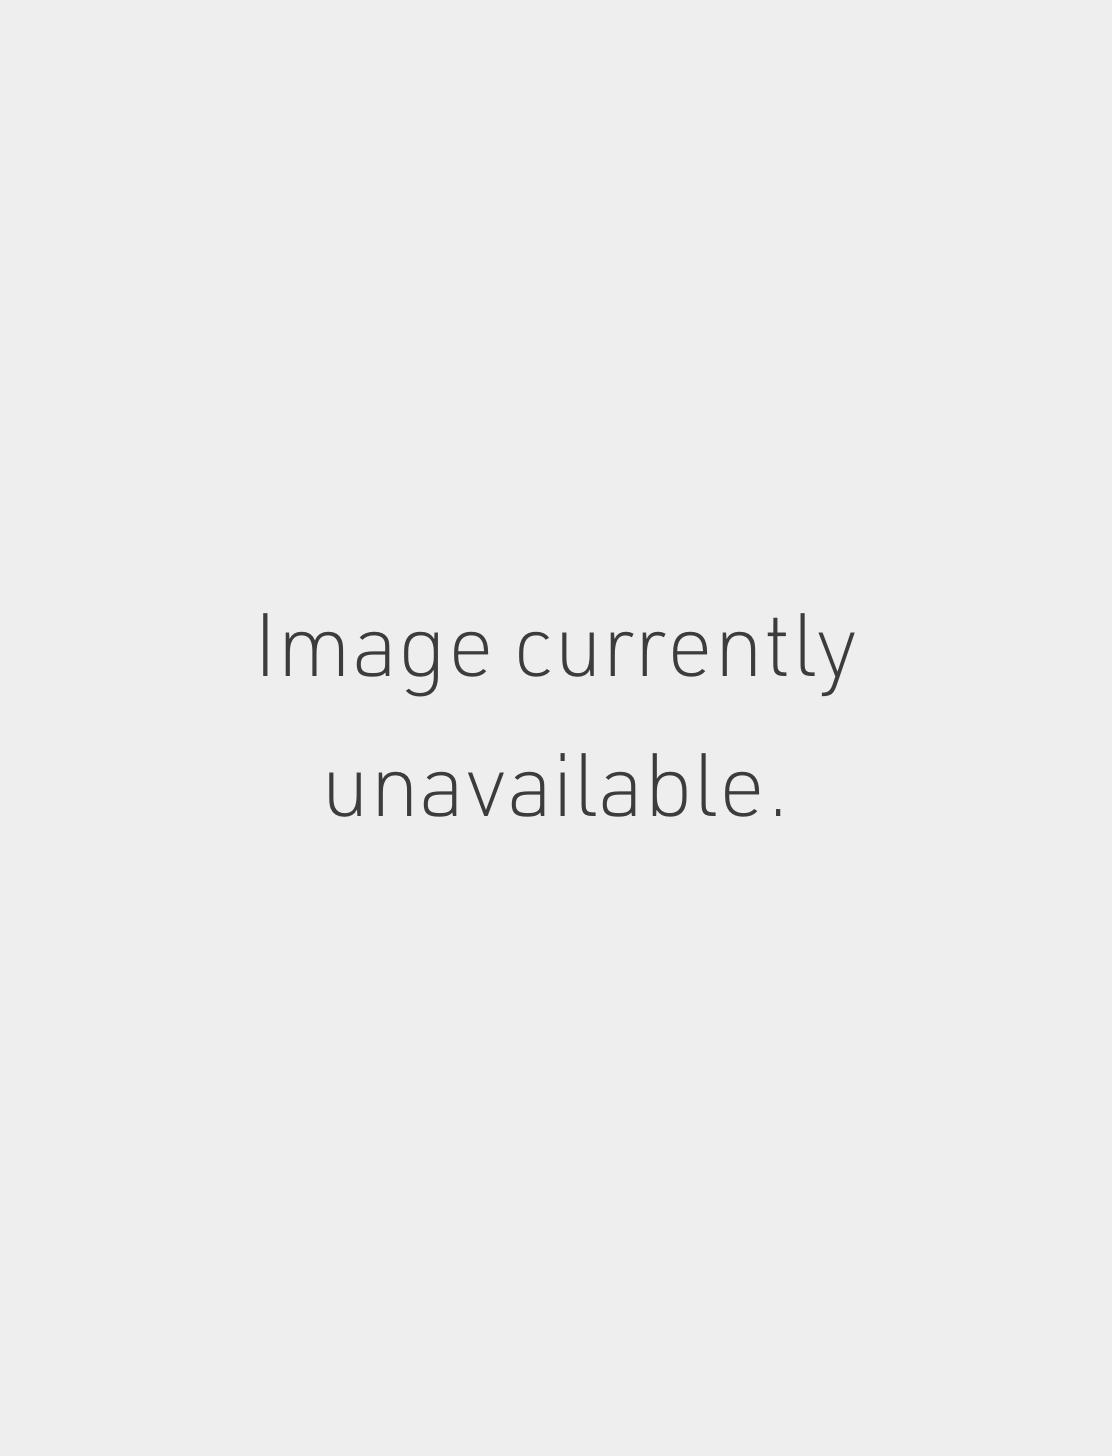 4.5mm Light Pink Diamond Flower Threaded Stud - WHITE GOLD Image #2